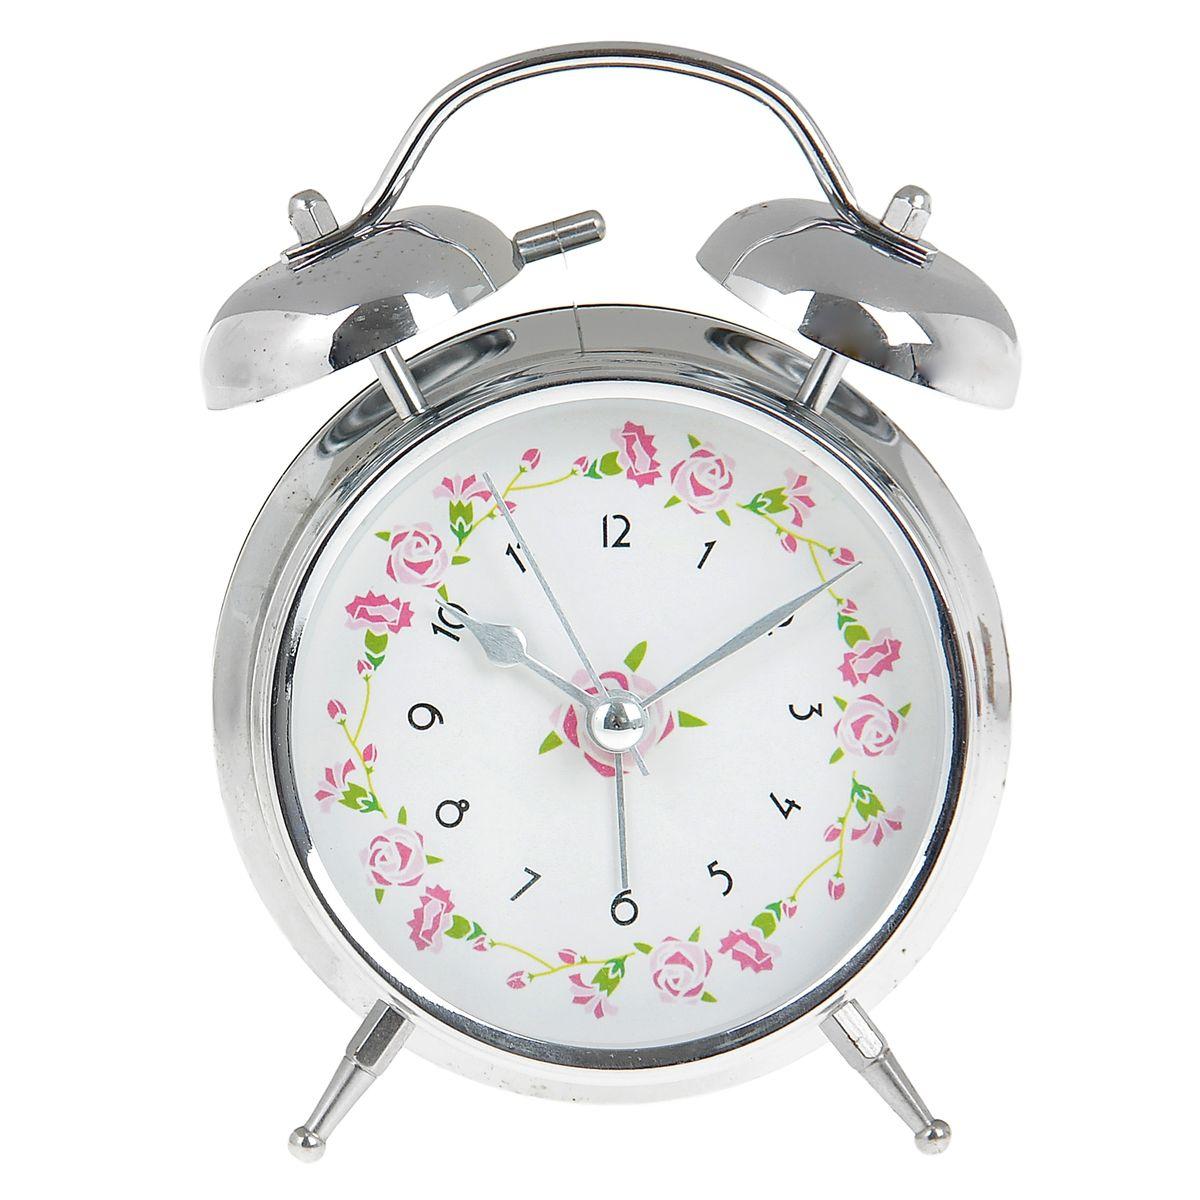 Часы-будильник Sima-land. 906609MRC 4141 P schwarzКак же сложно иногда вставать вовремя! Всегда так хочется поспать еще хотя бы 5 минут и бывает, что мы просыпаем. Теперь этого не случится! Яркий, оригинальный будильник Sima-land поможет вам всегда вставать в нужное время и успевать везде и всюду. Время показывает точно и будит в установленный час. Будильник украсит вашу комнату и приведет в восхищение друзей. На задней панели будильника расположены переключатель включения/выключения механизма и два колесика для настройки текущего времени и времени звонка будильника. Также будильник оснащен кнопкой, при нажатии и удержании которой, подсвечивается циферблат.Будильник работает от 2 батареек типа AA напряжением 1,5V (не входят в комплект).